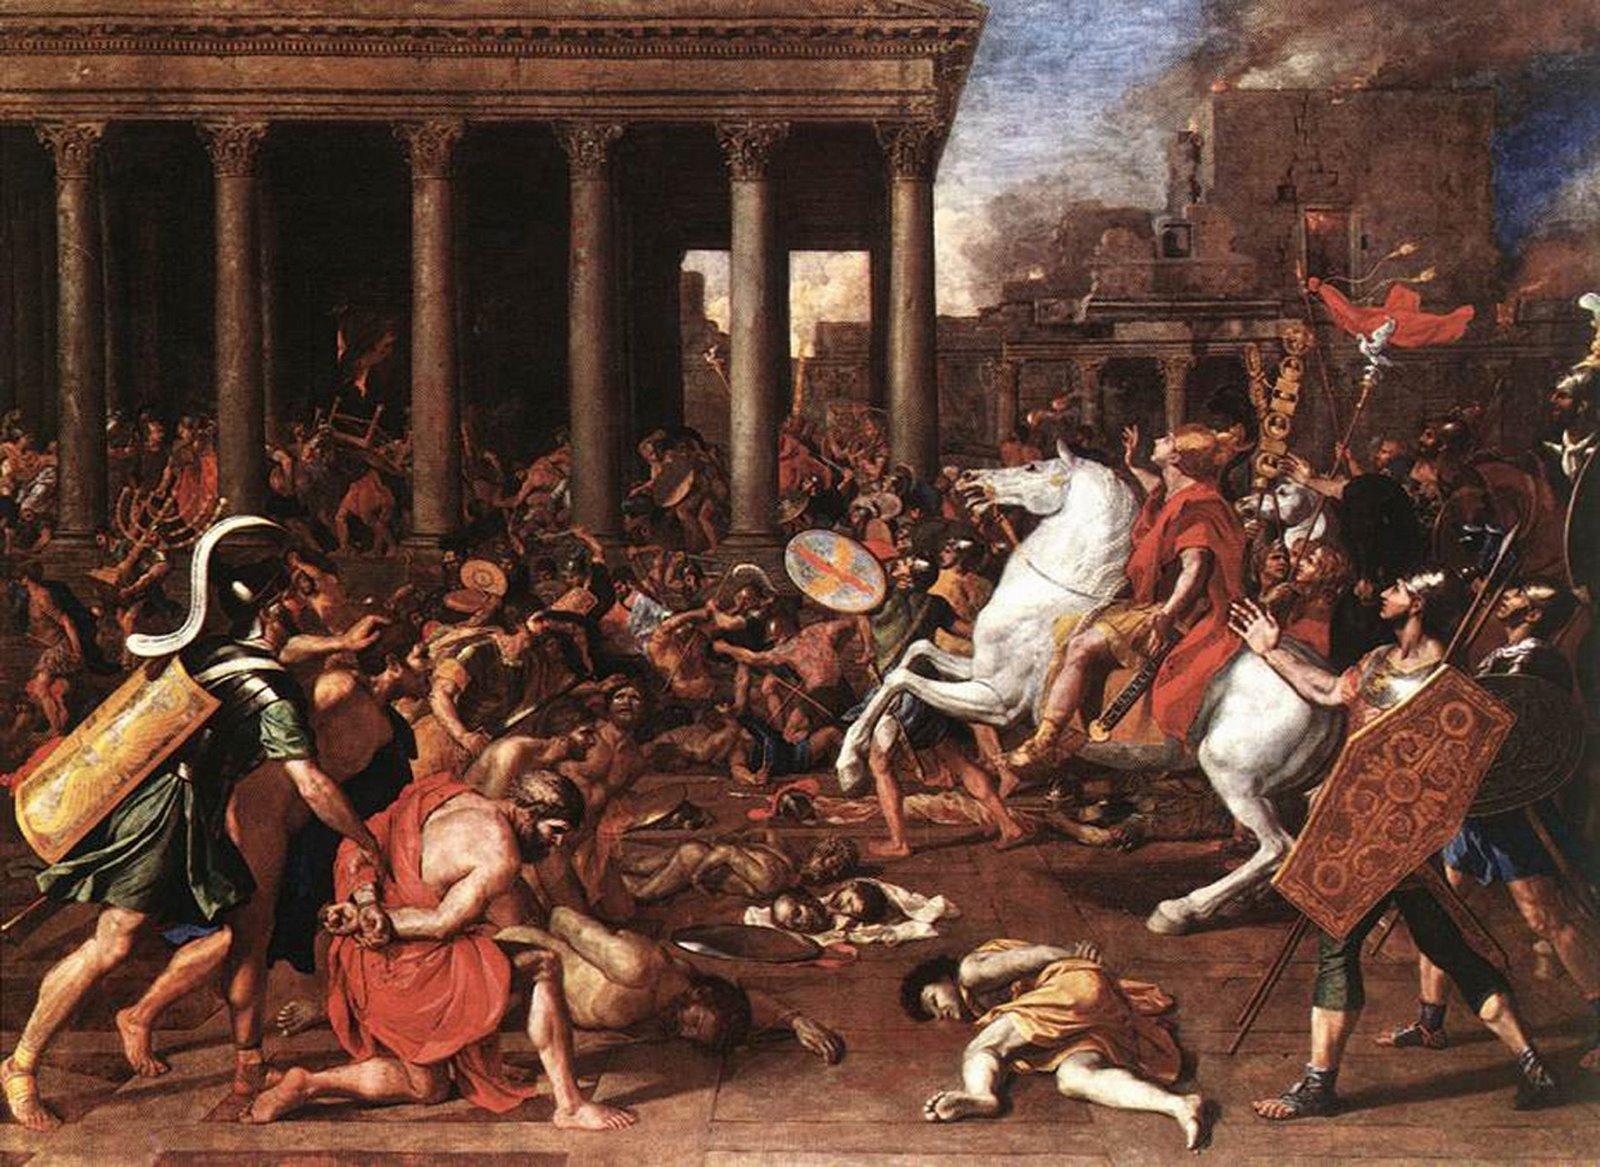 Кокорин и Мамаев древний рим спортсмены отвратительные мужики disgusting men